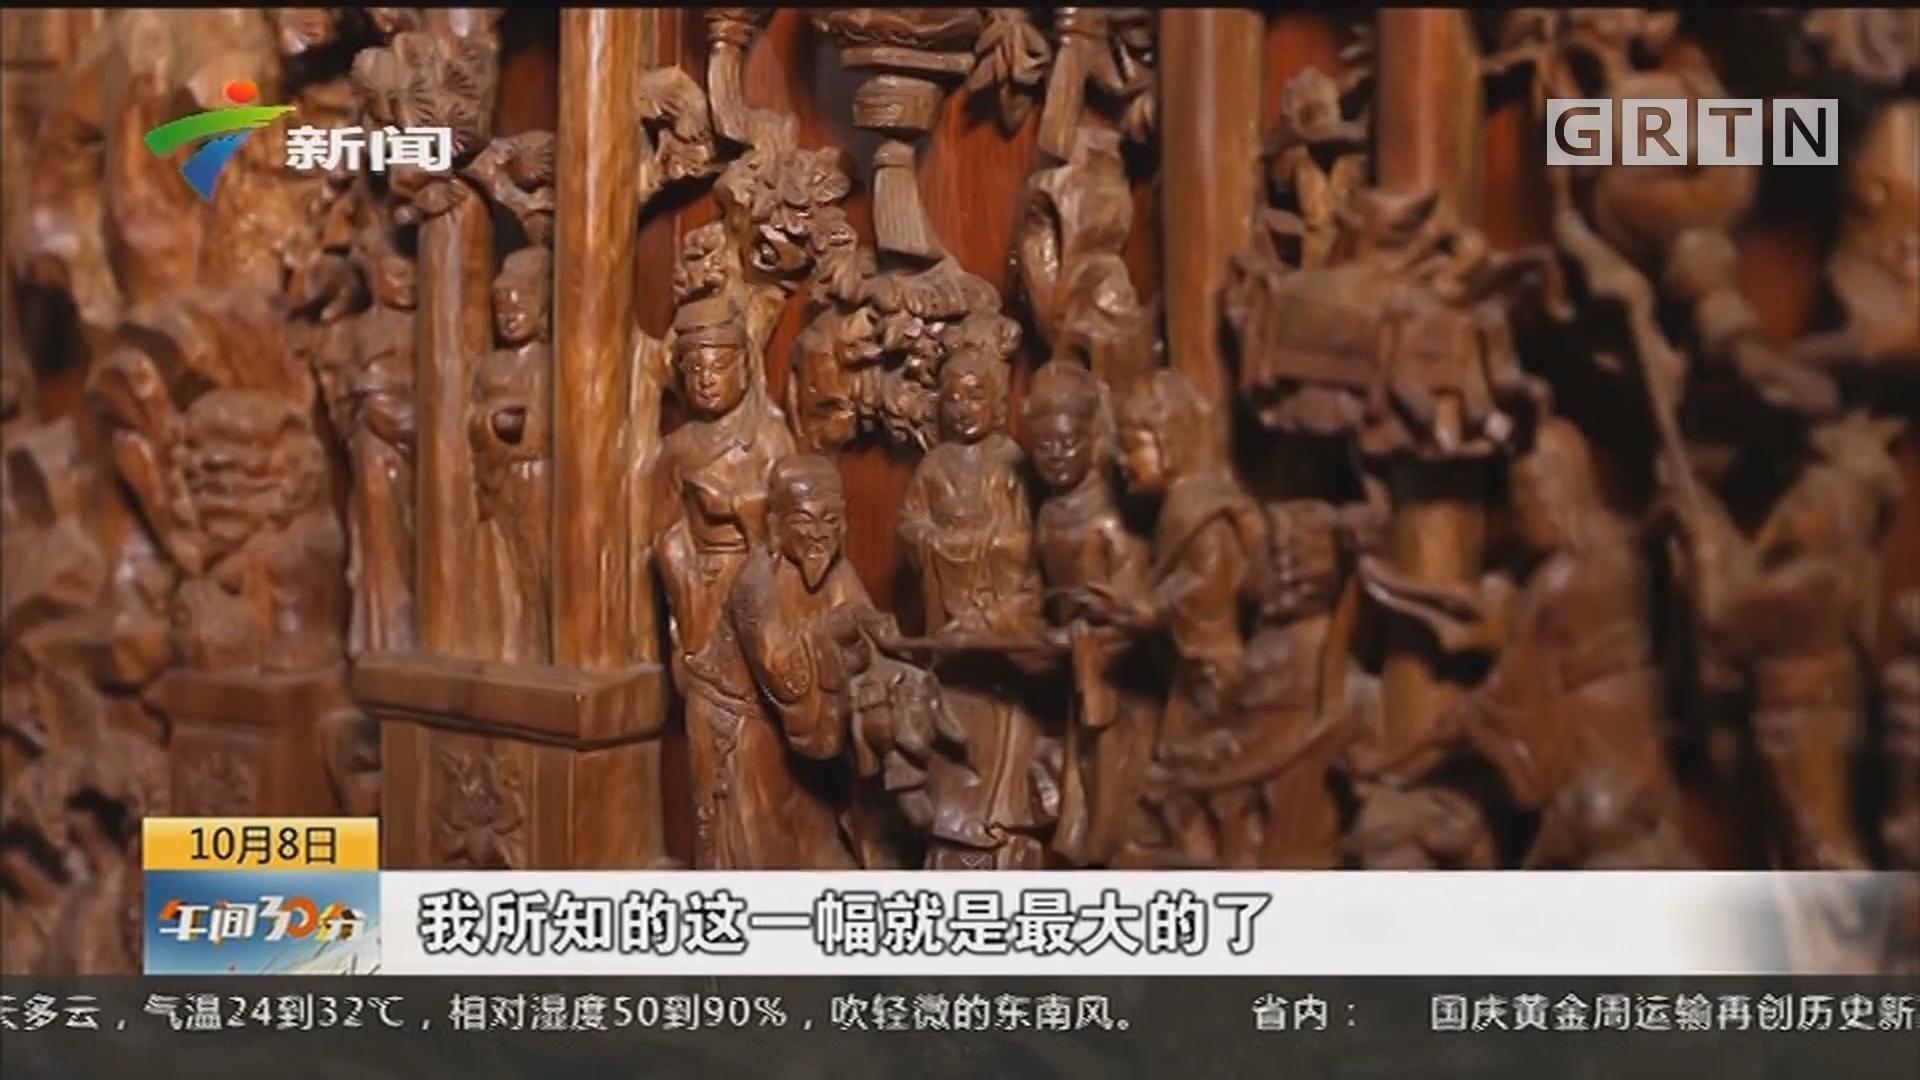 发现广东:潮州金漆木雕